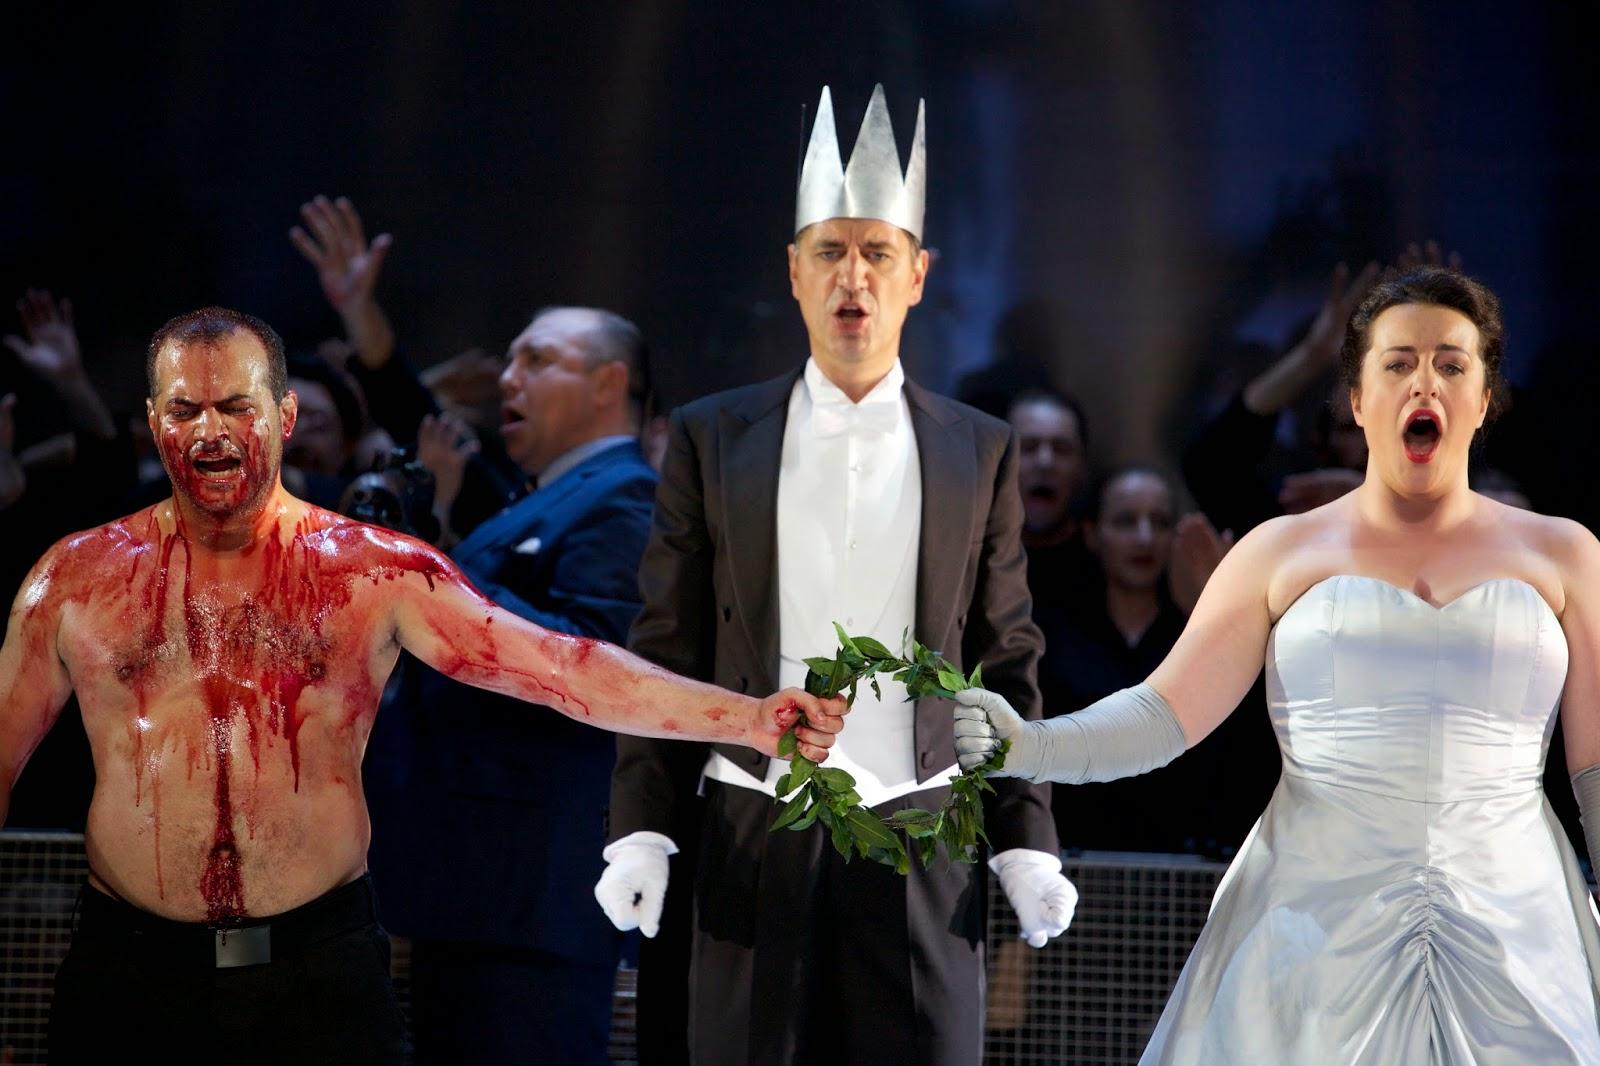 Sortir à Munich : Agenda 2014 des opéras à Munich 27